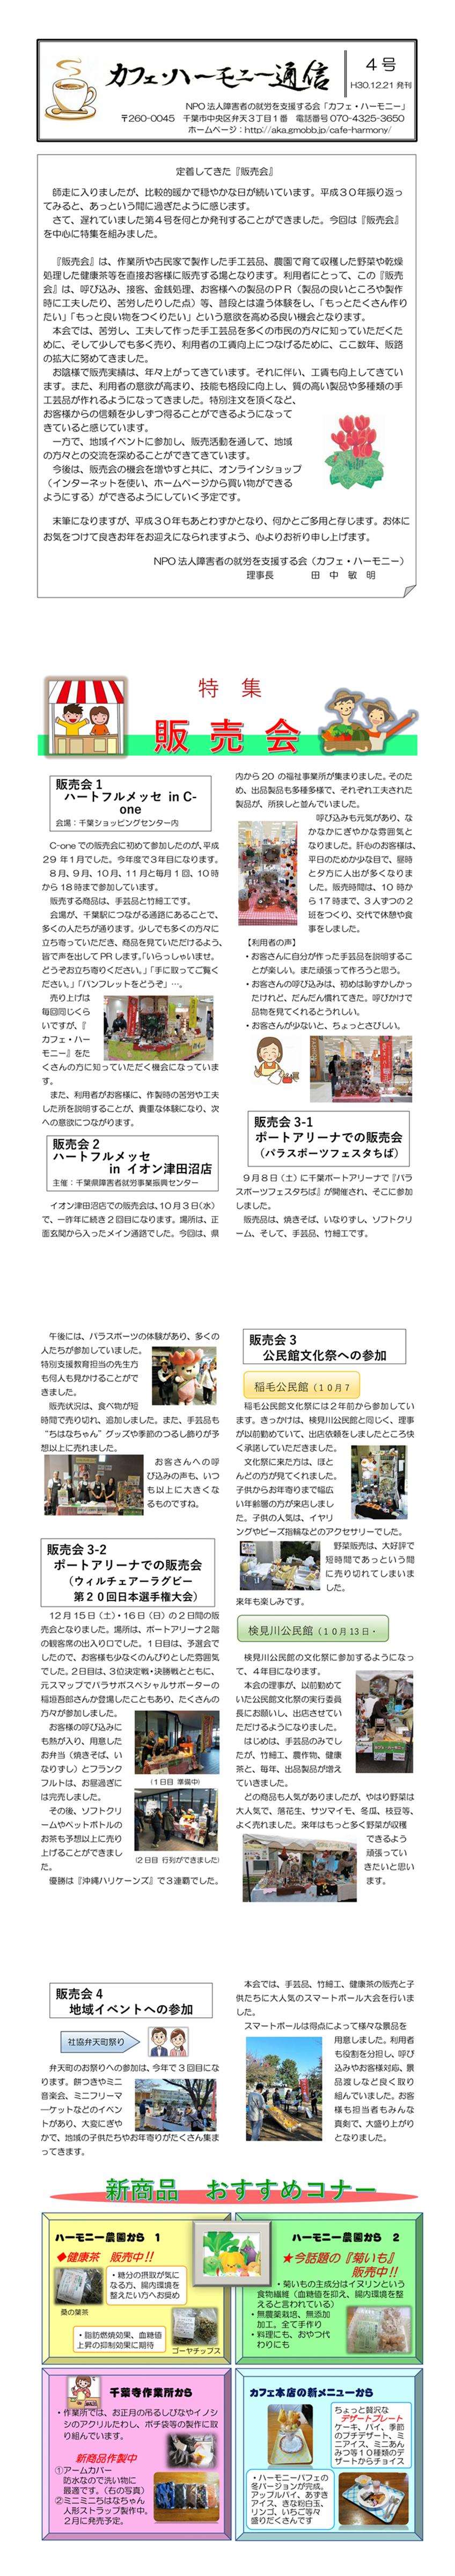 カフェ・ハーモニー通信 第4号